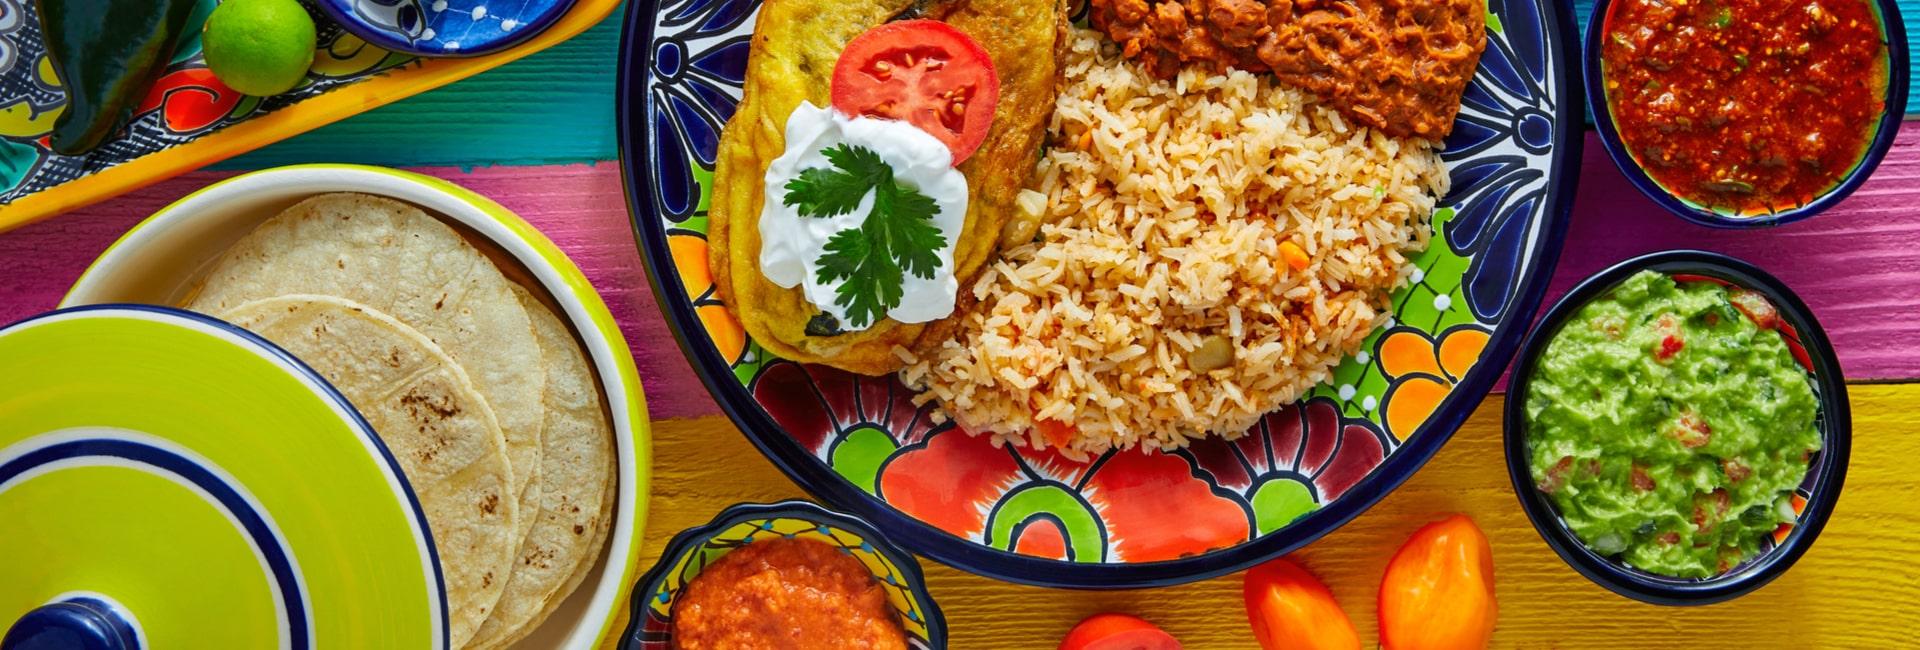 Los cabos mexican food restaurants